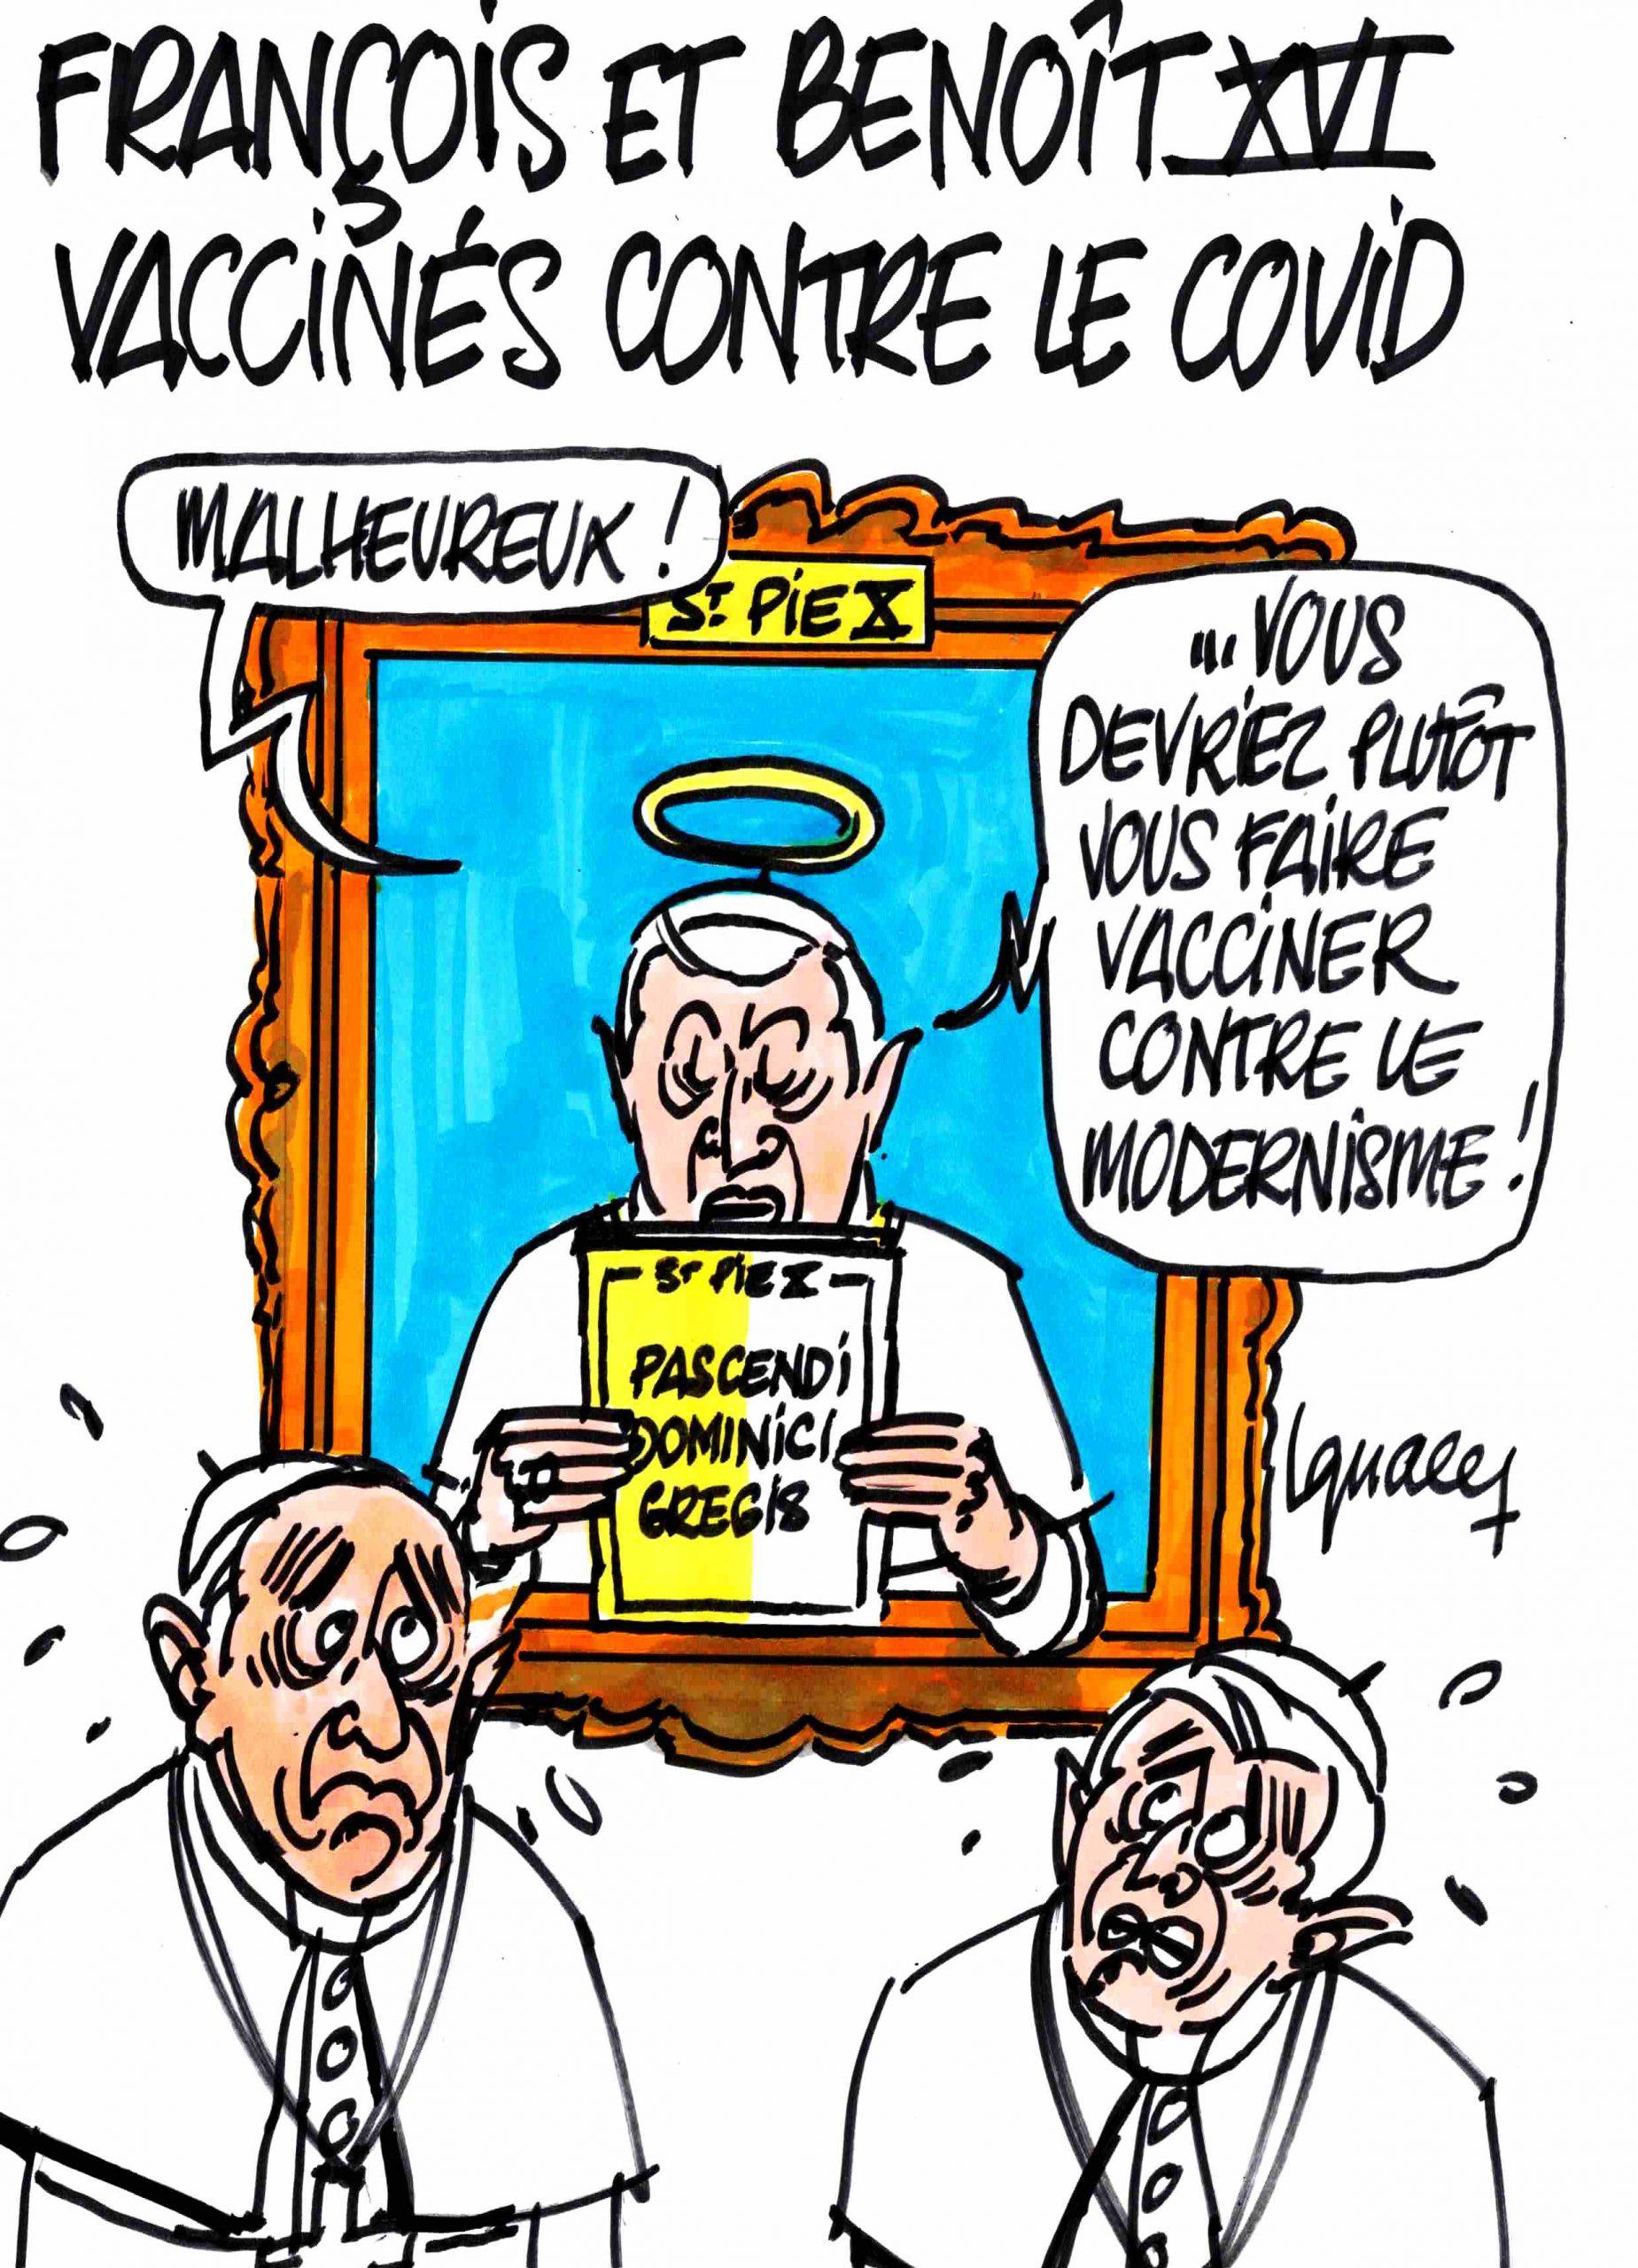 Ignace - François et Benoît XVI vaccinés